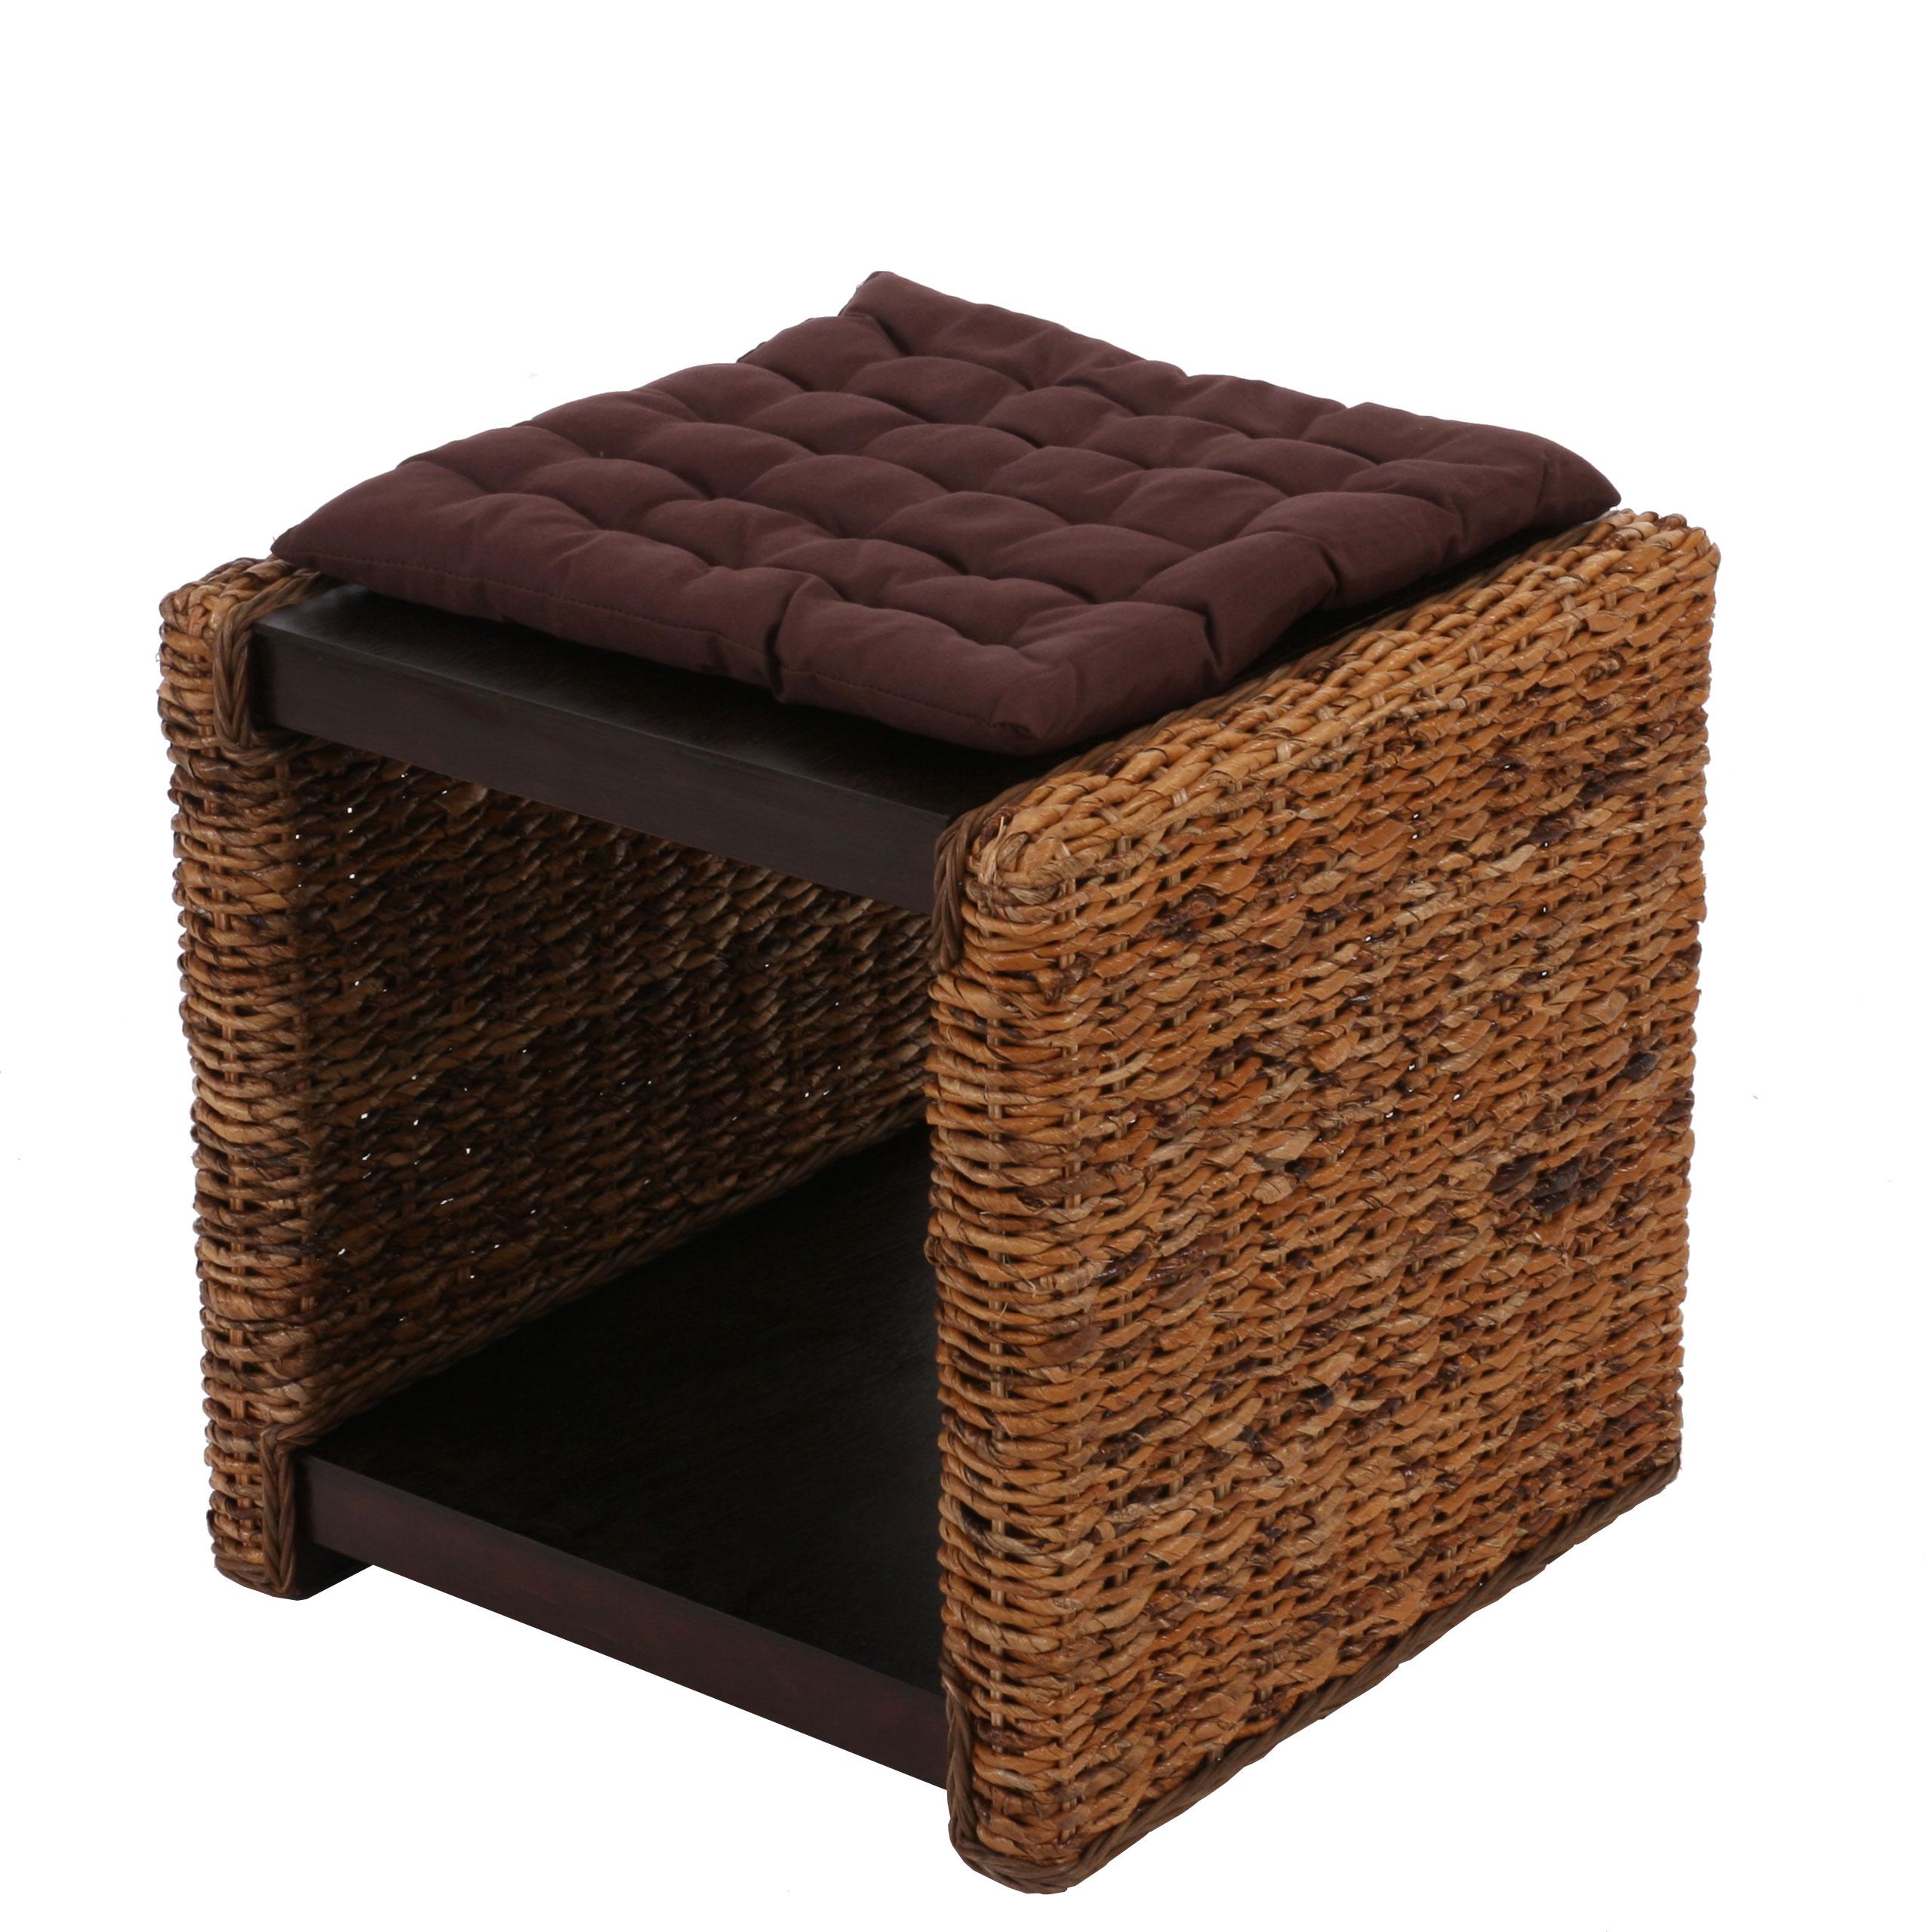 beistelltisch nachttisch sitzhocker lucca rattan. Black Bedroom Furniture Sets. Home Design Ideas